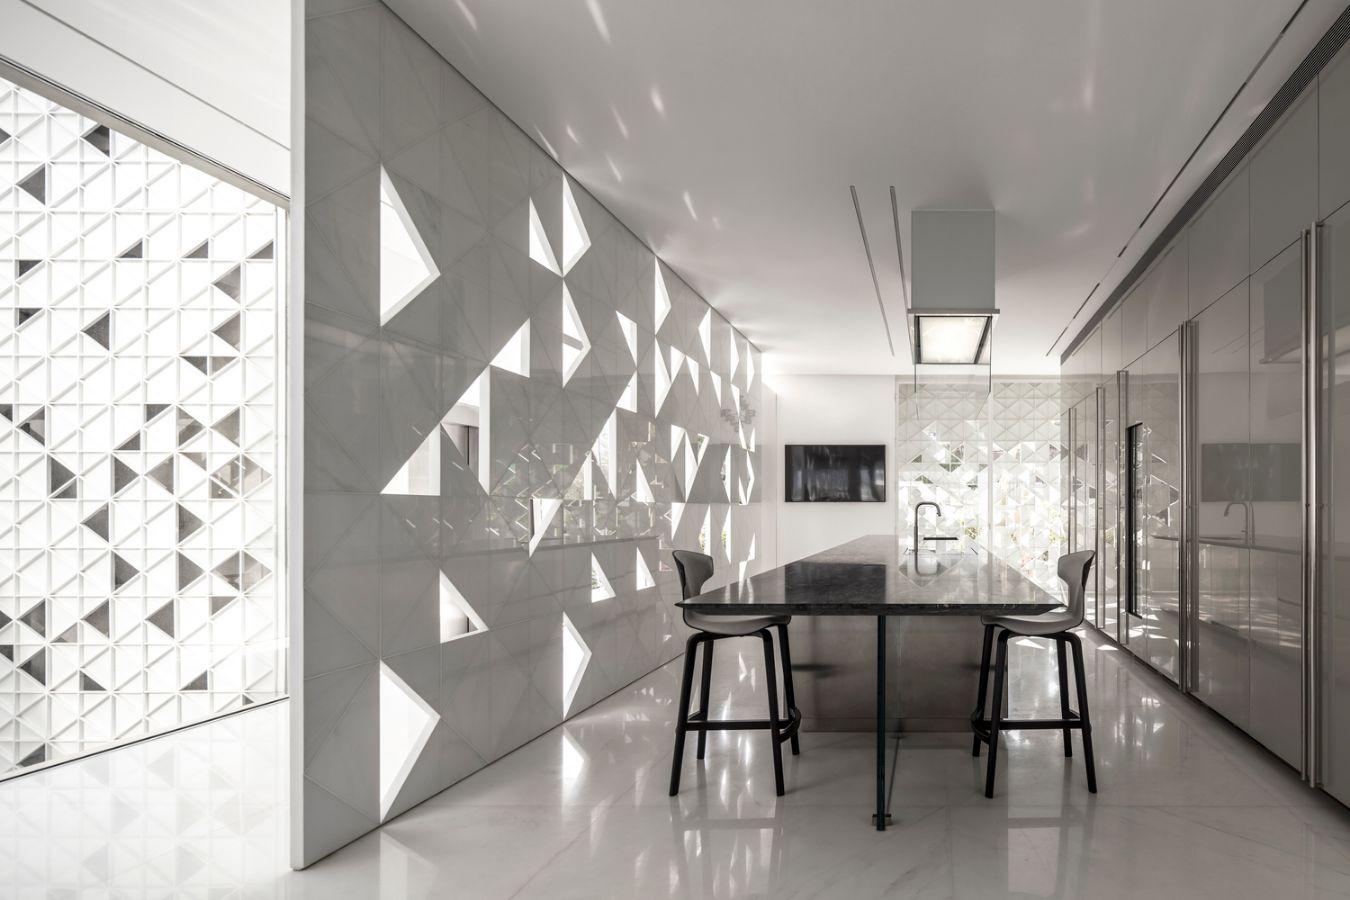 3_D3 House_Pitsou Kedem Architects_Inspirationist